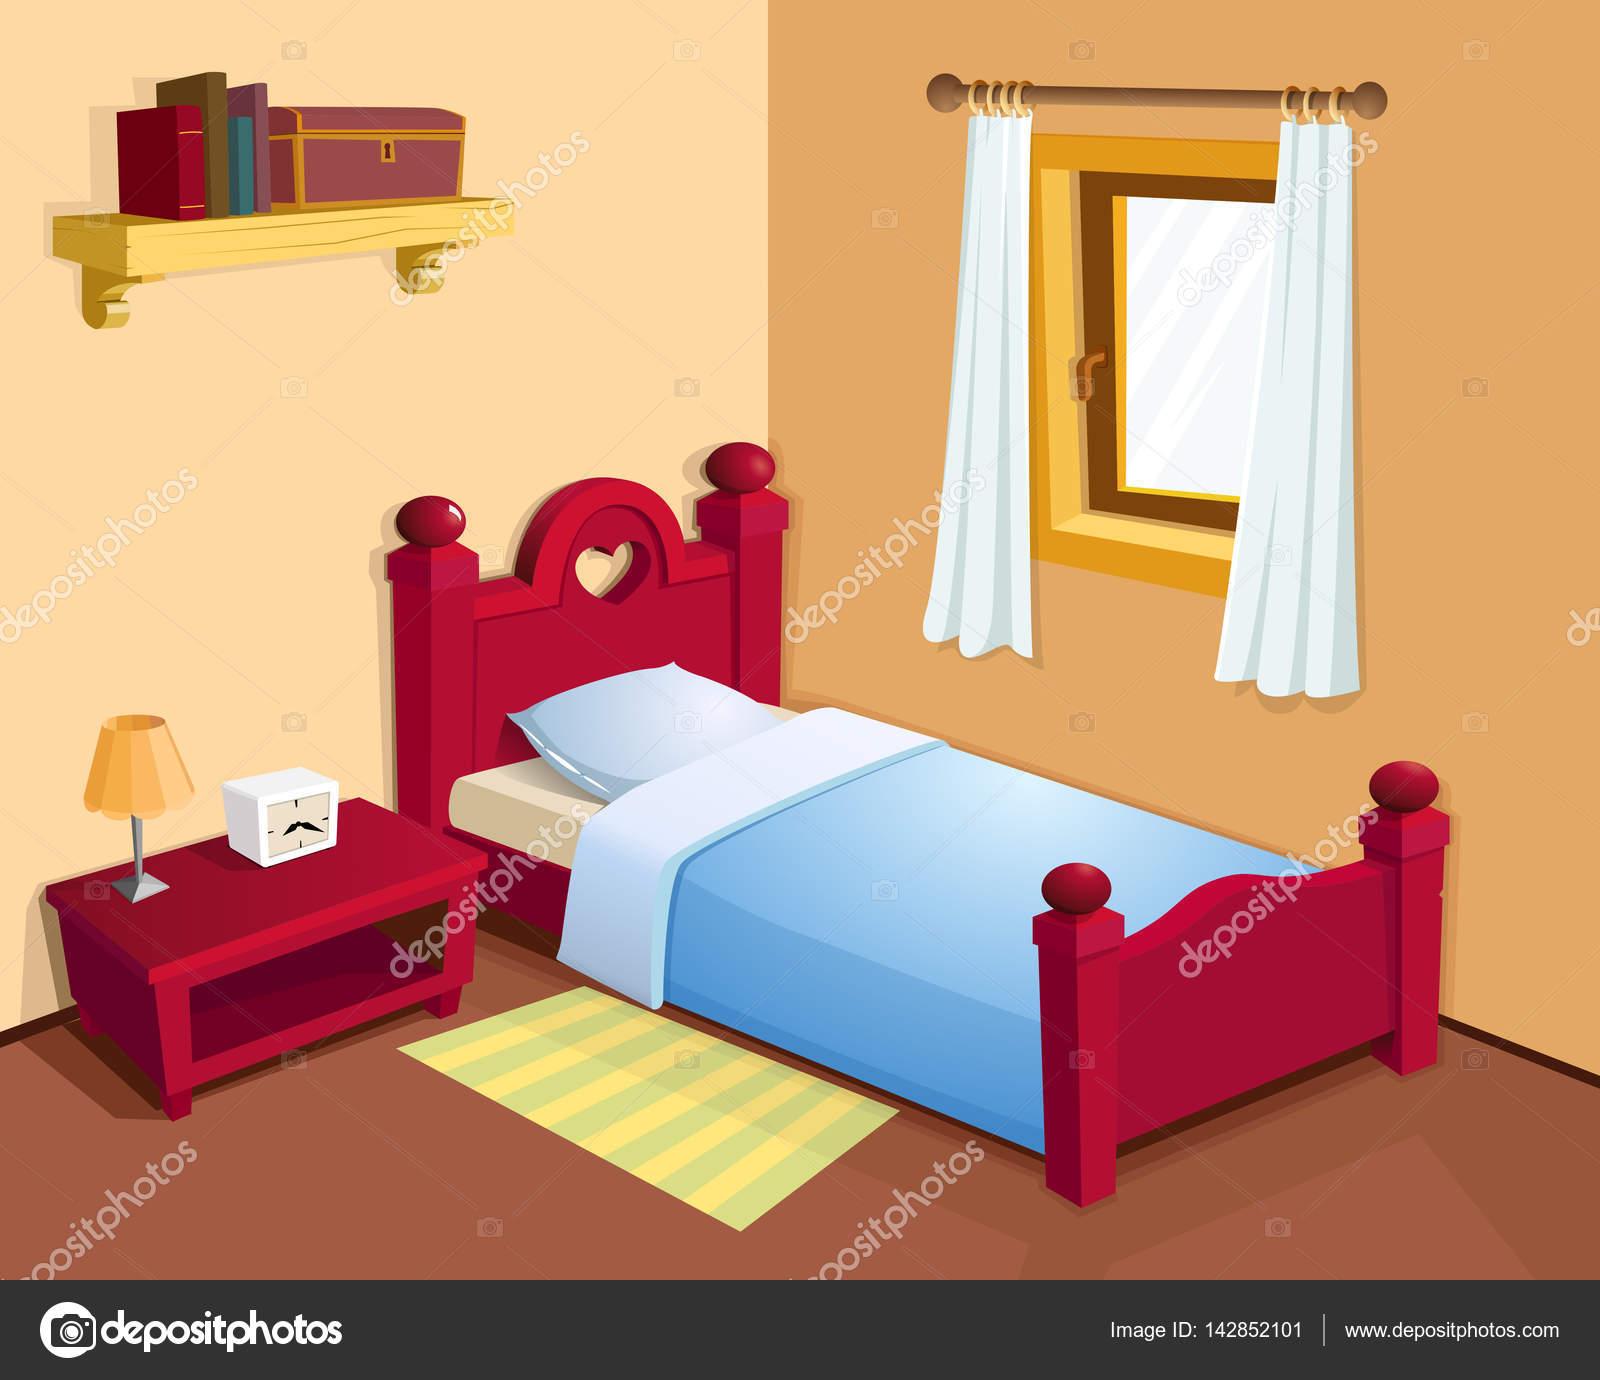 Dormitorio Dibujo ~ interior de dormitorio de dibujos animados u2014 Vector de stock u00a9 Vecturion #142852101